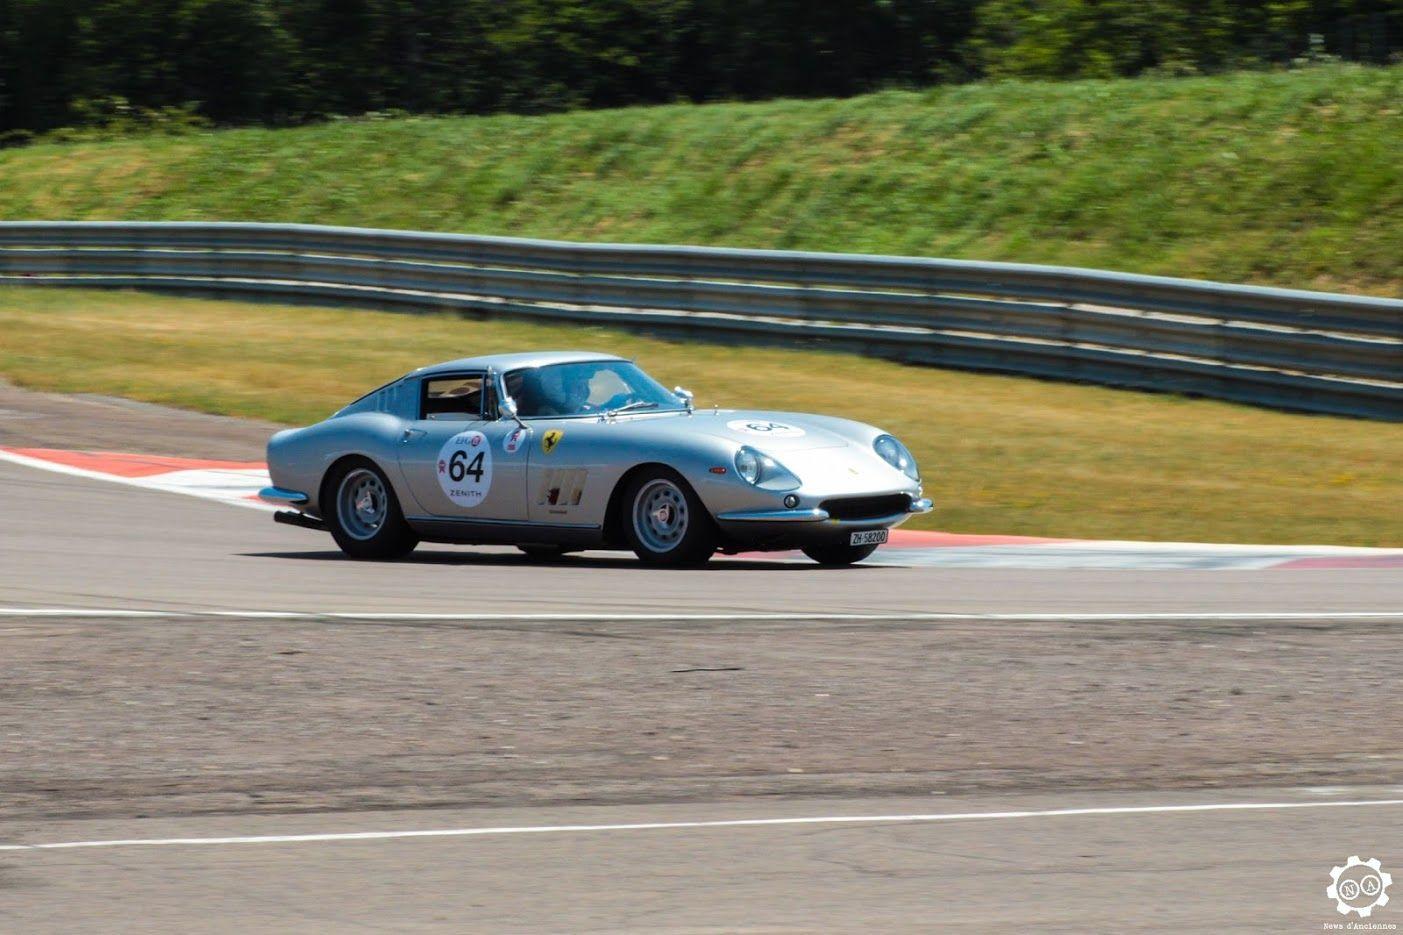 #Ferrari #2 #GTB/C sur la piste de #Dijon_Prenois au #GPAO Article original : http://newsdanciennes.com/2015/06/07/news-danciennes-au-grand-prix-de-lage-dor/ #Racecar #VintageCar #ClassicCar